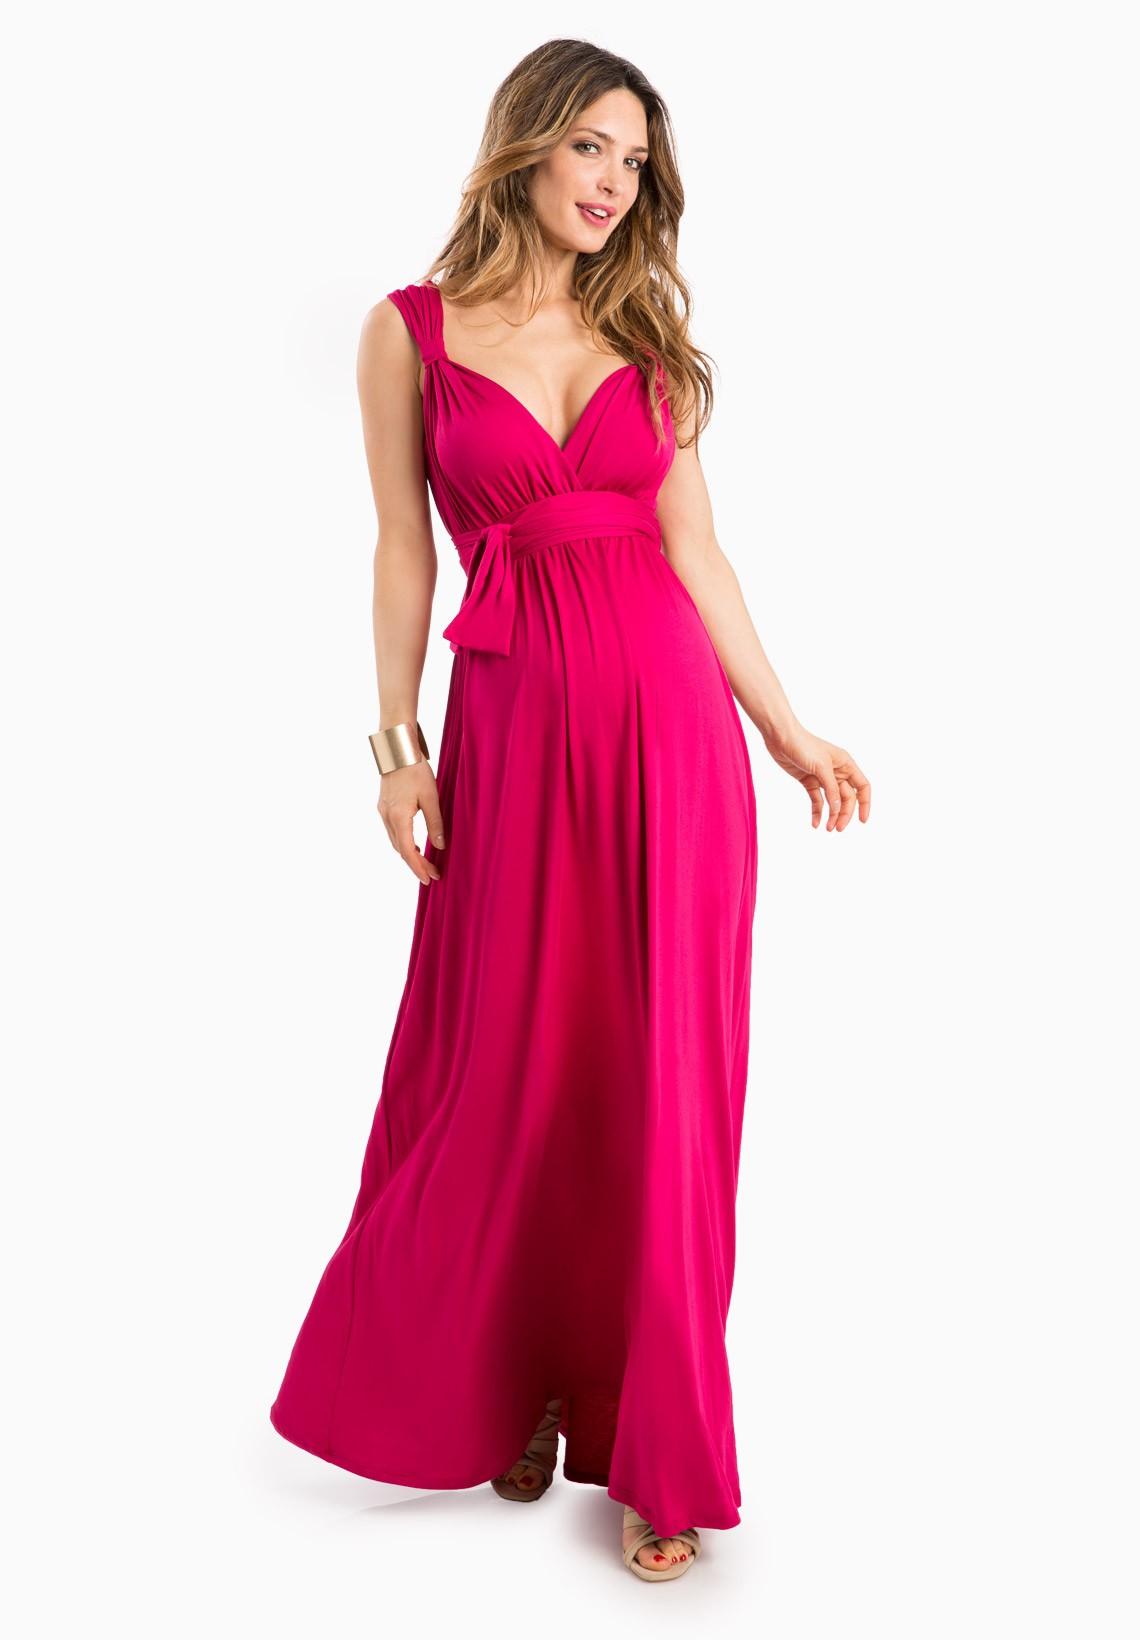 صورة صور فساتين للحوامل , اشيك واجمل اطلالة للحامل لفستانها المميز 5749 5